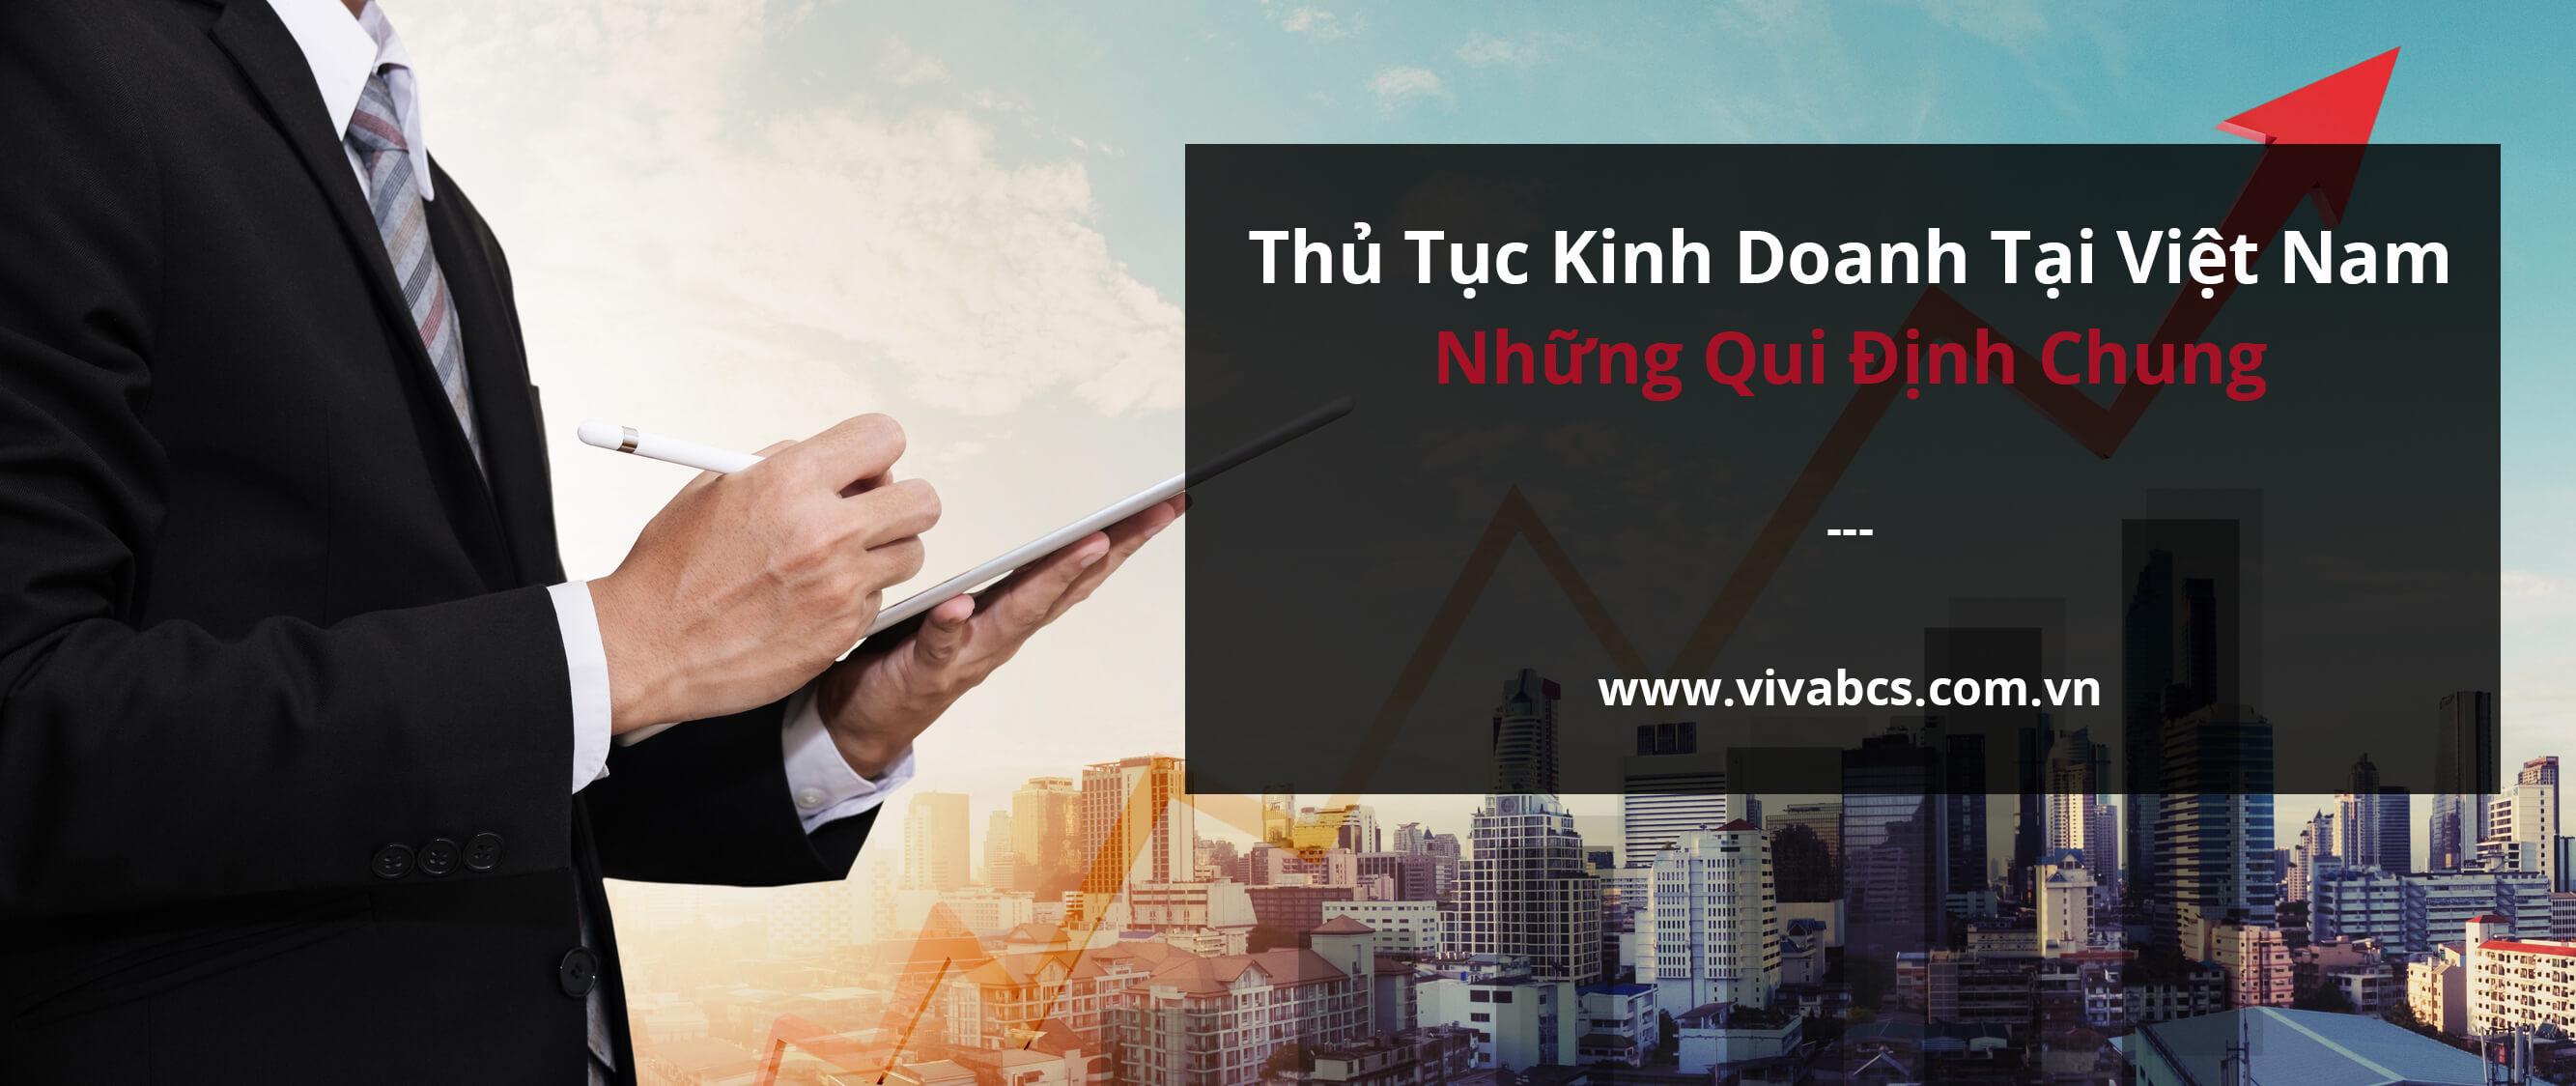 Thủ tục kinh doanh ở Việt Nam - Những qui định chung